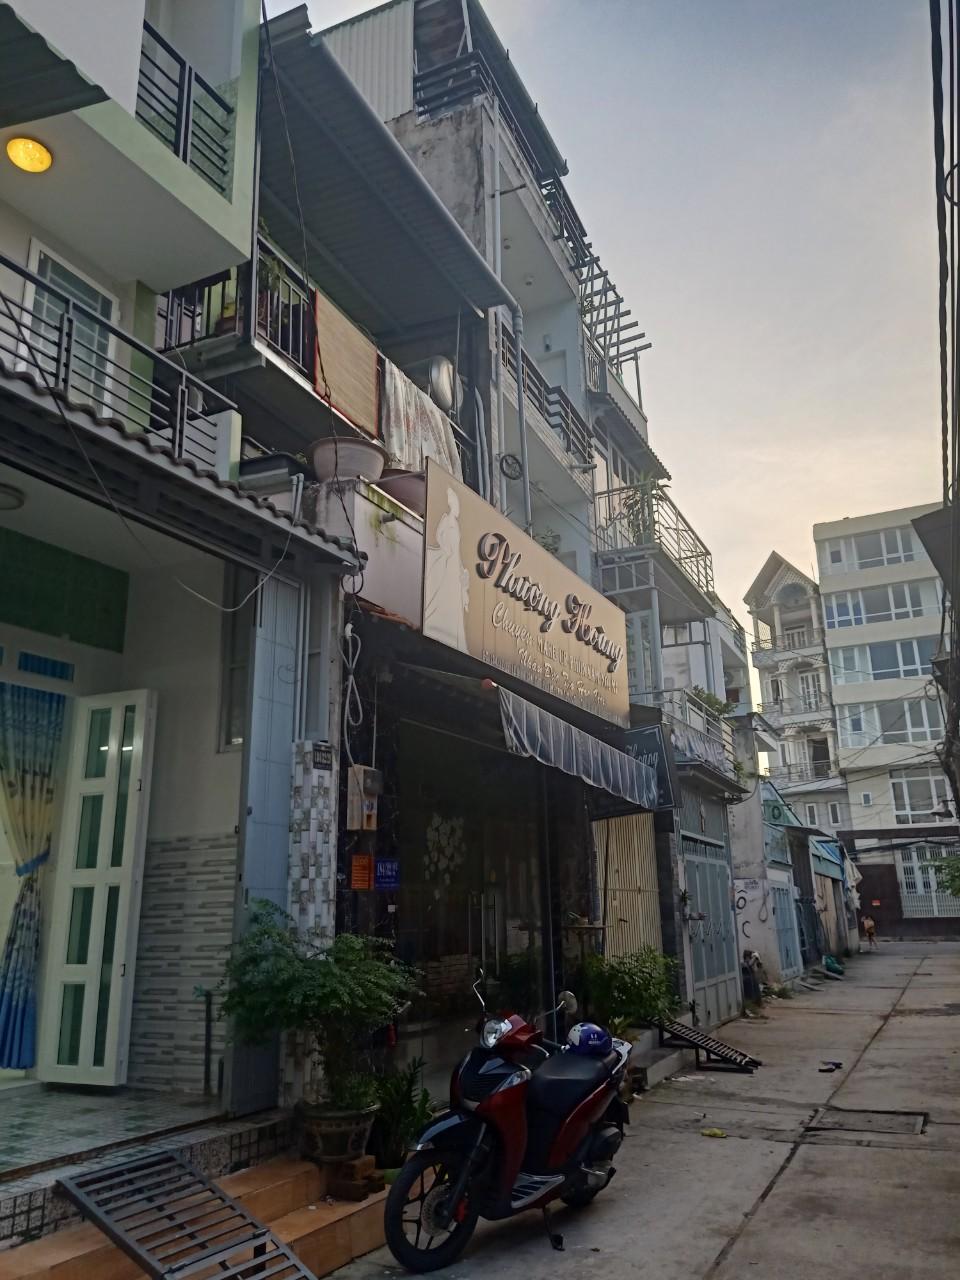 Bán nhà quận Bình Tân dưới 3 tỷ, hẻm 184 Lê Đình Cẩn phường Tân Tạo quận Bình Tân